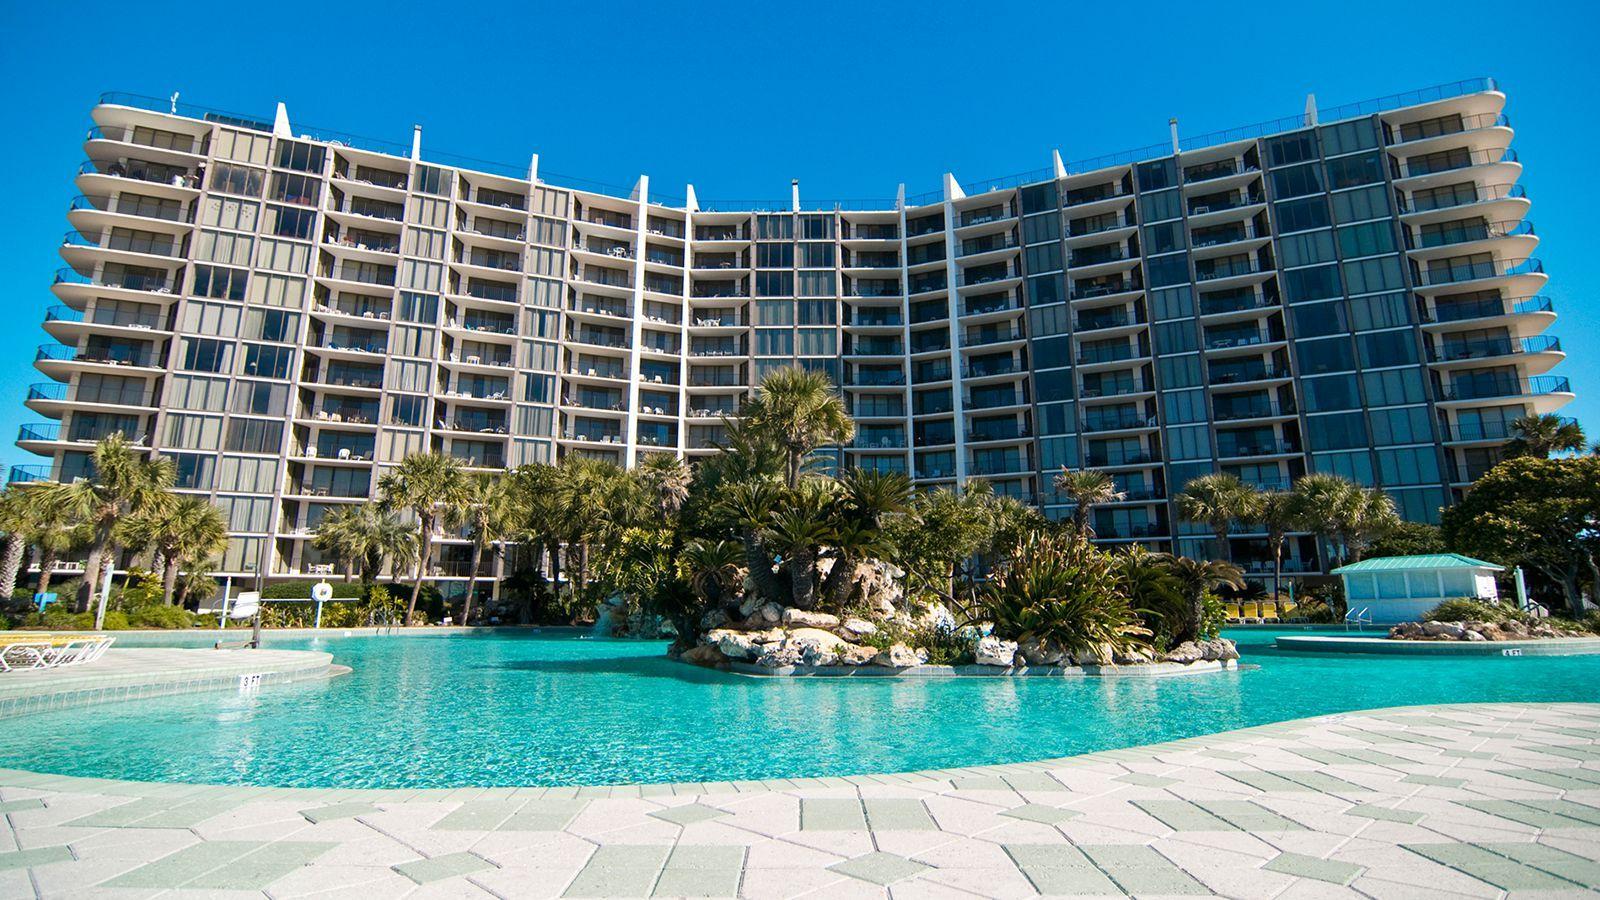 Edgewater beach golf resort panama city beach fl